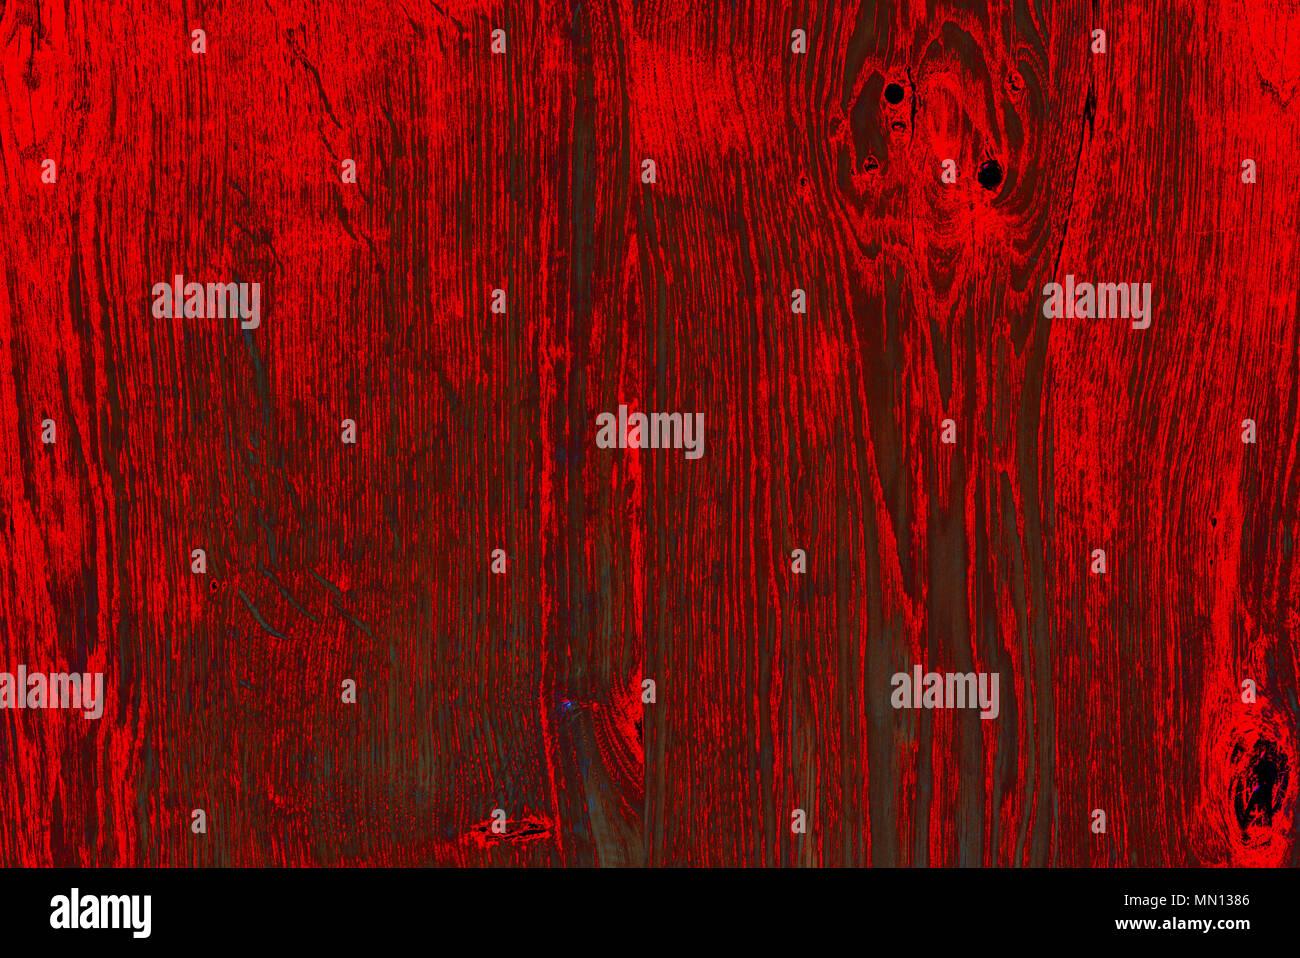 Primo Piano Di Un Rosso Nero Rovere Colorato Sfondo Della Scheda